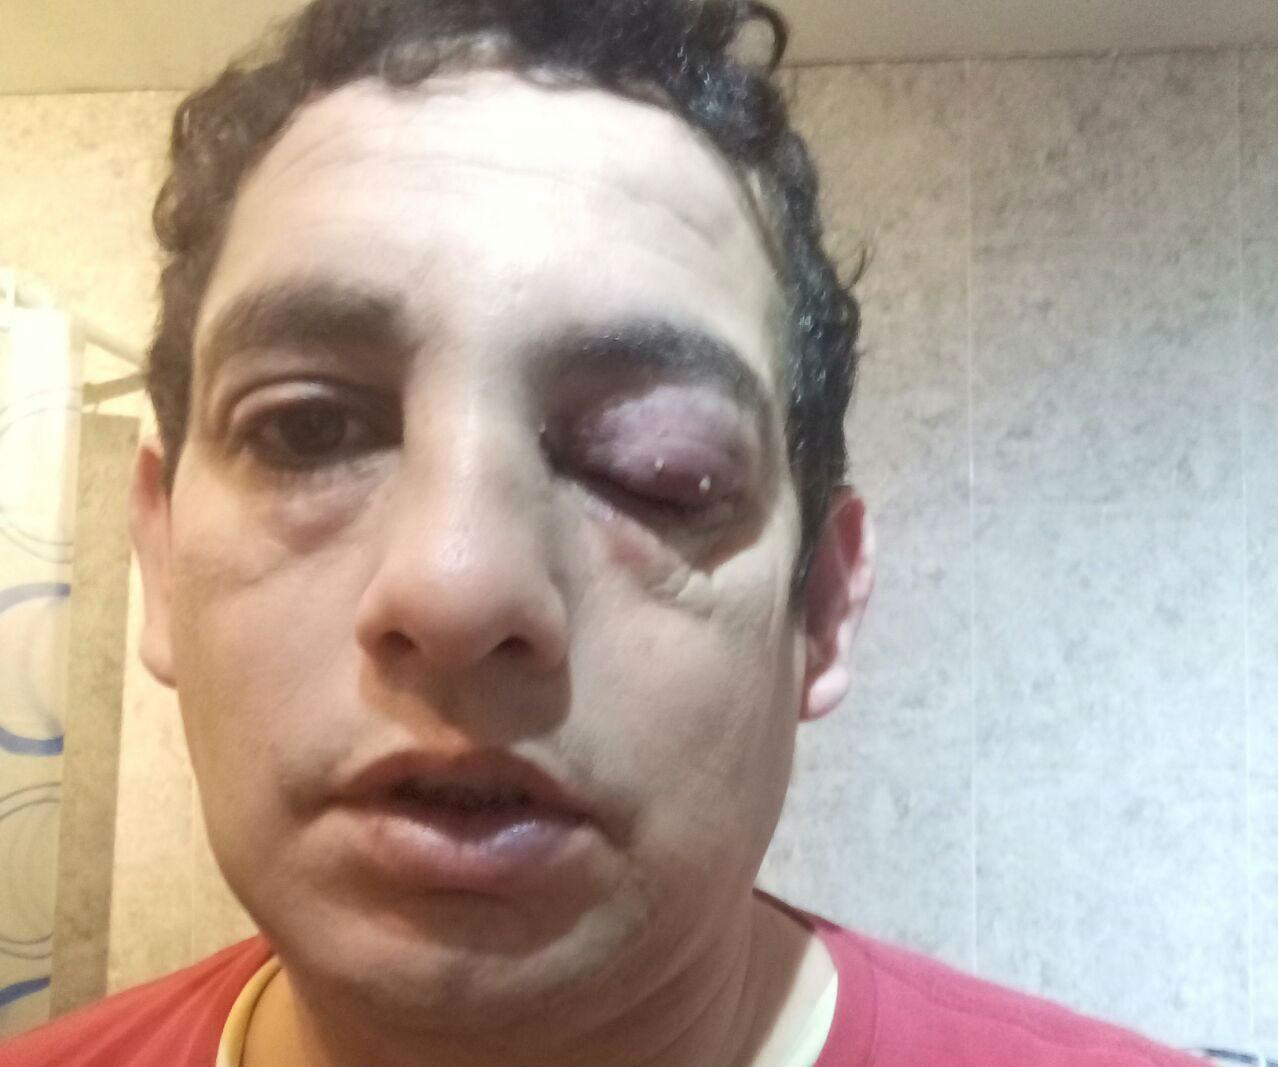 El hombre que se agarró a trompadas con el municipal ya lo había denunciado en 2015